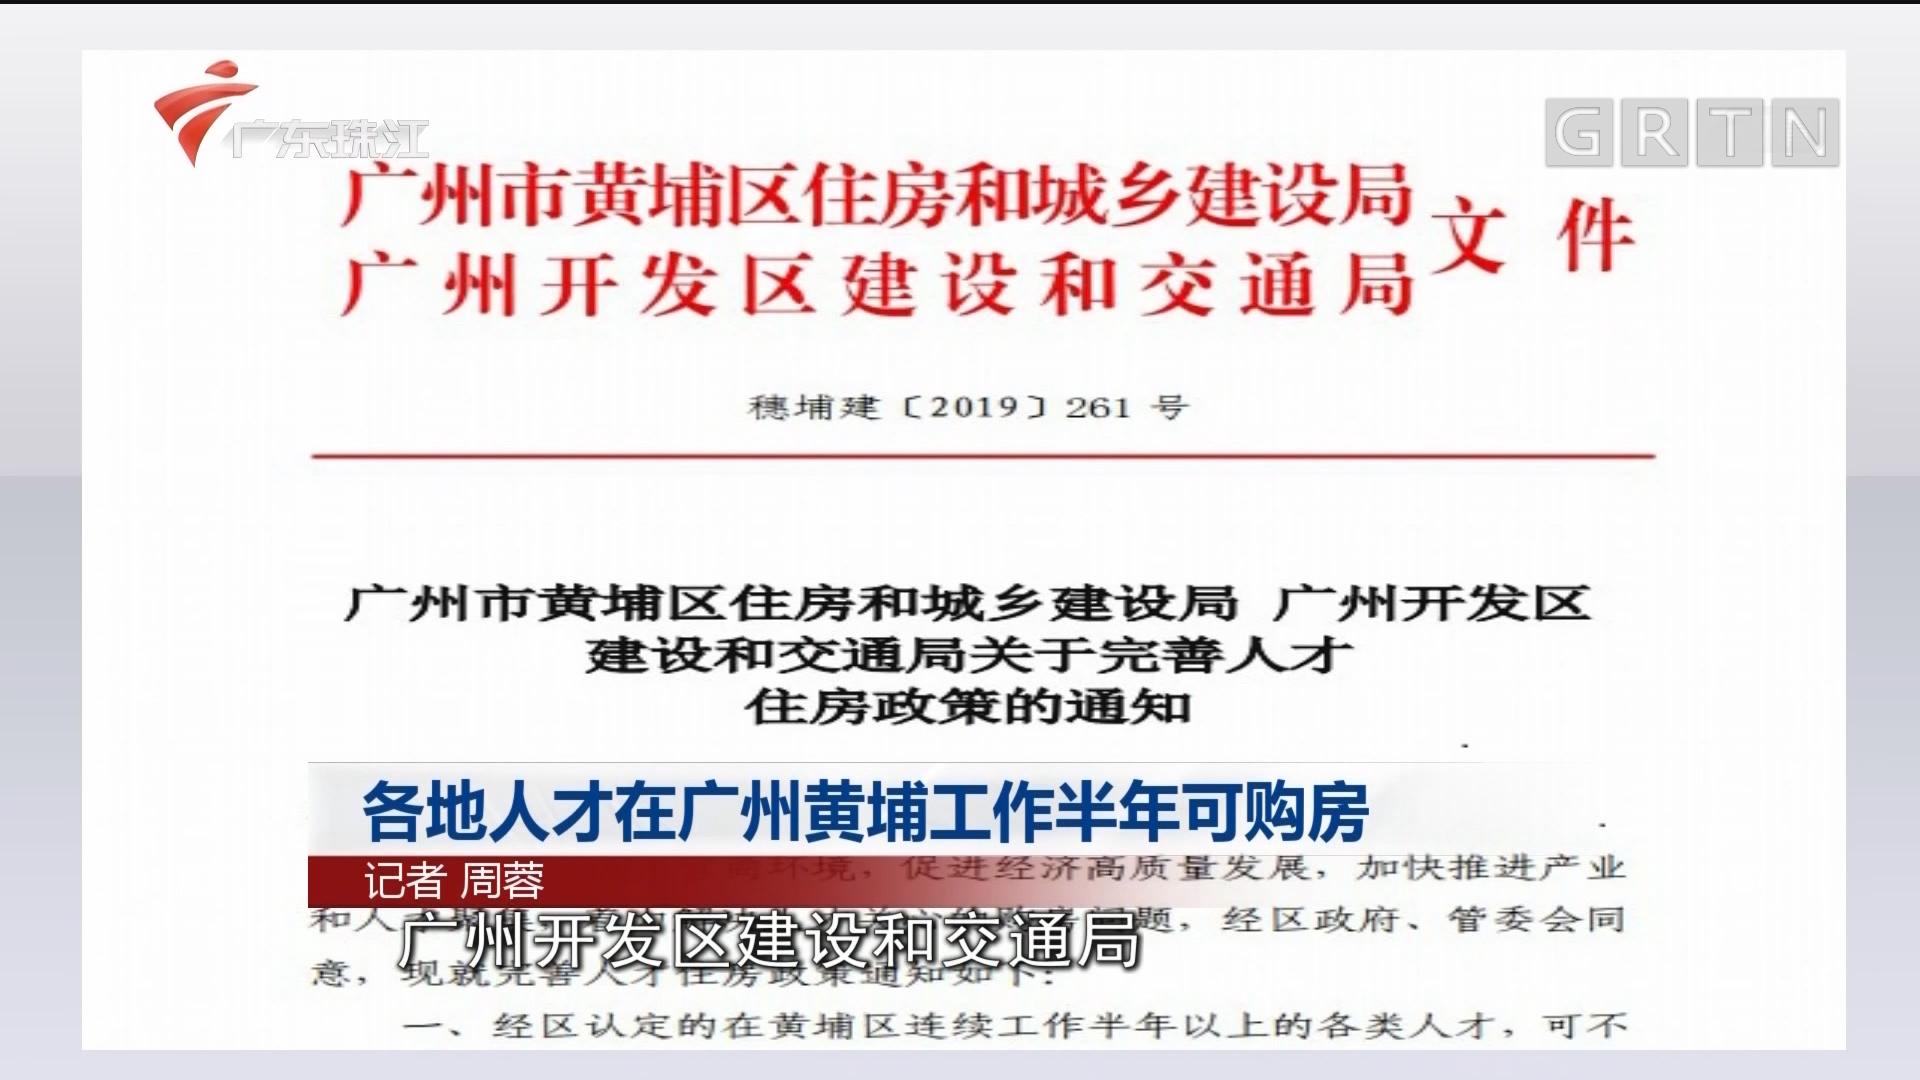 各地人才在广州黄埔工作半年可购房